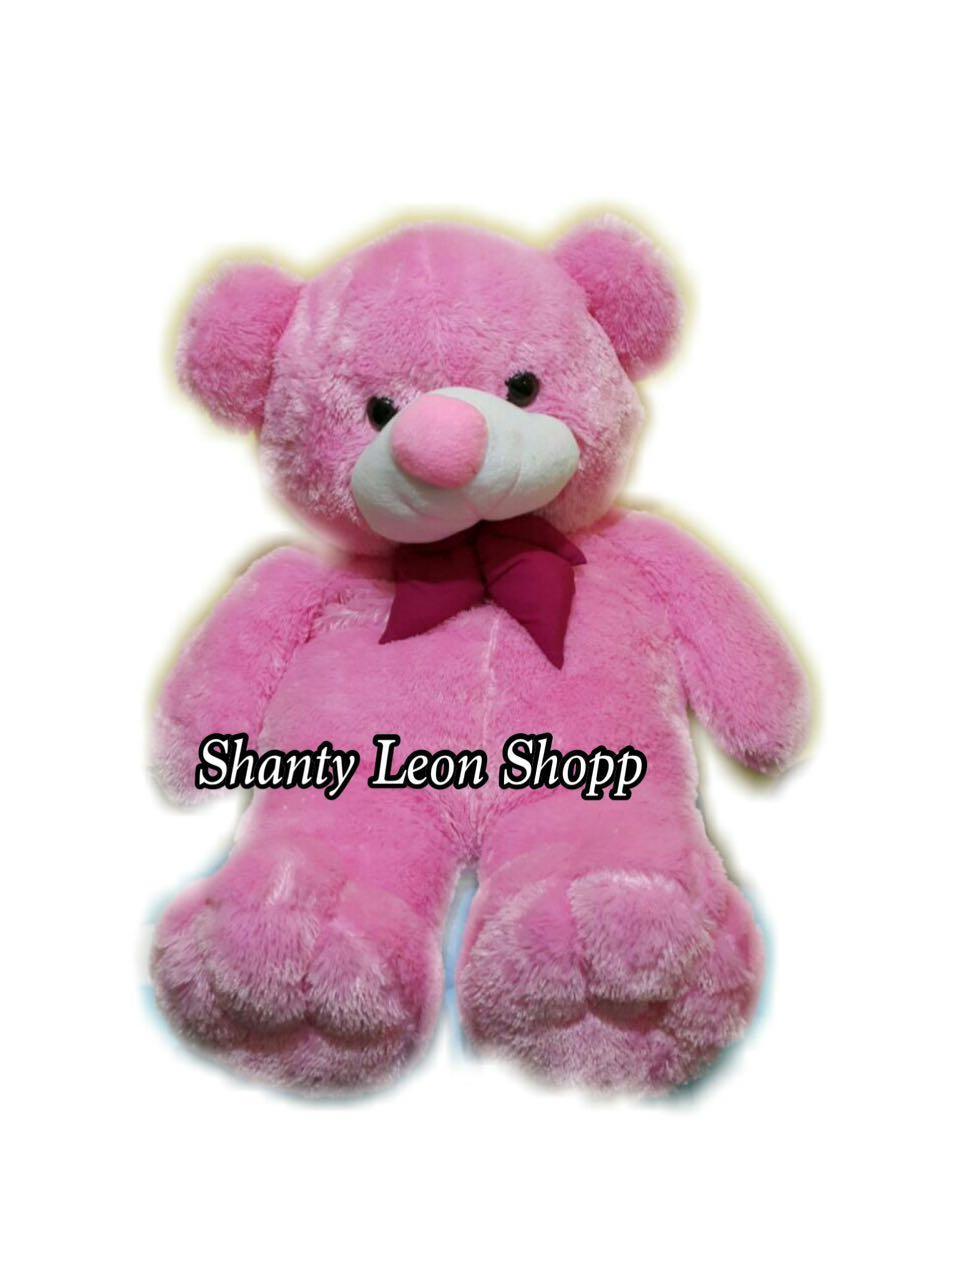 Cek Harga Baru Boneka Minny Mouse Jumbo 80cm Terkini - Situs ... 09611e69ae